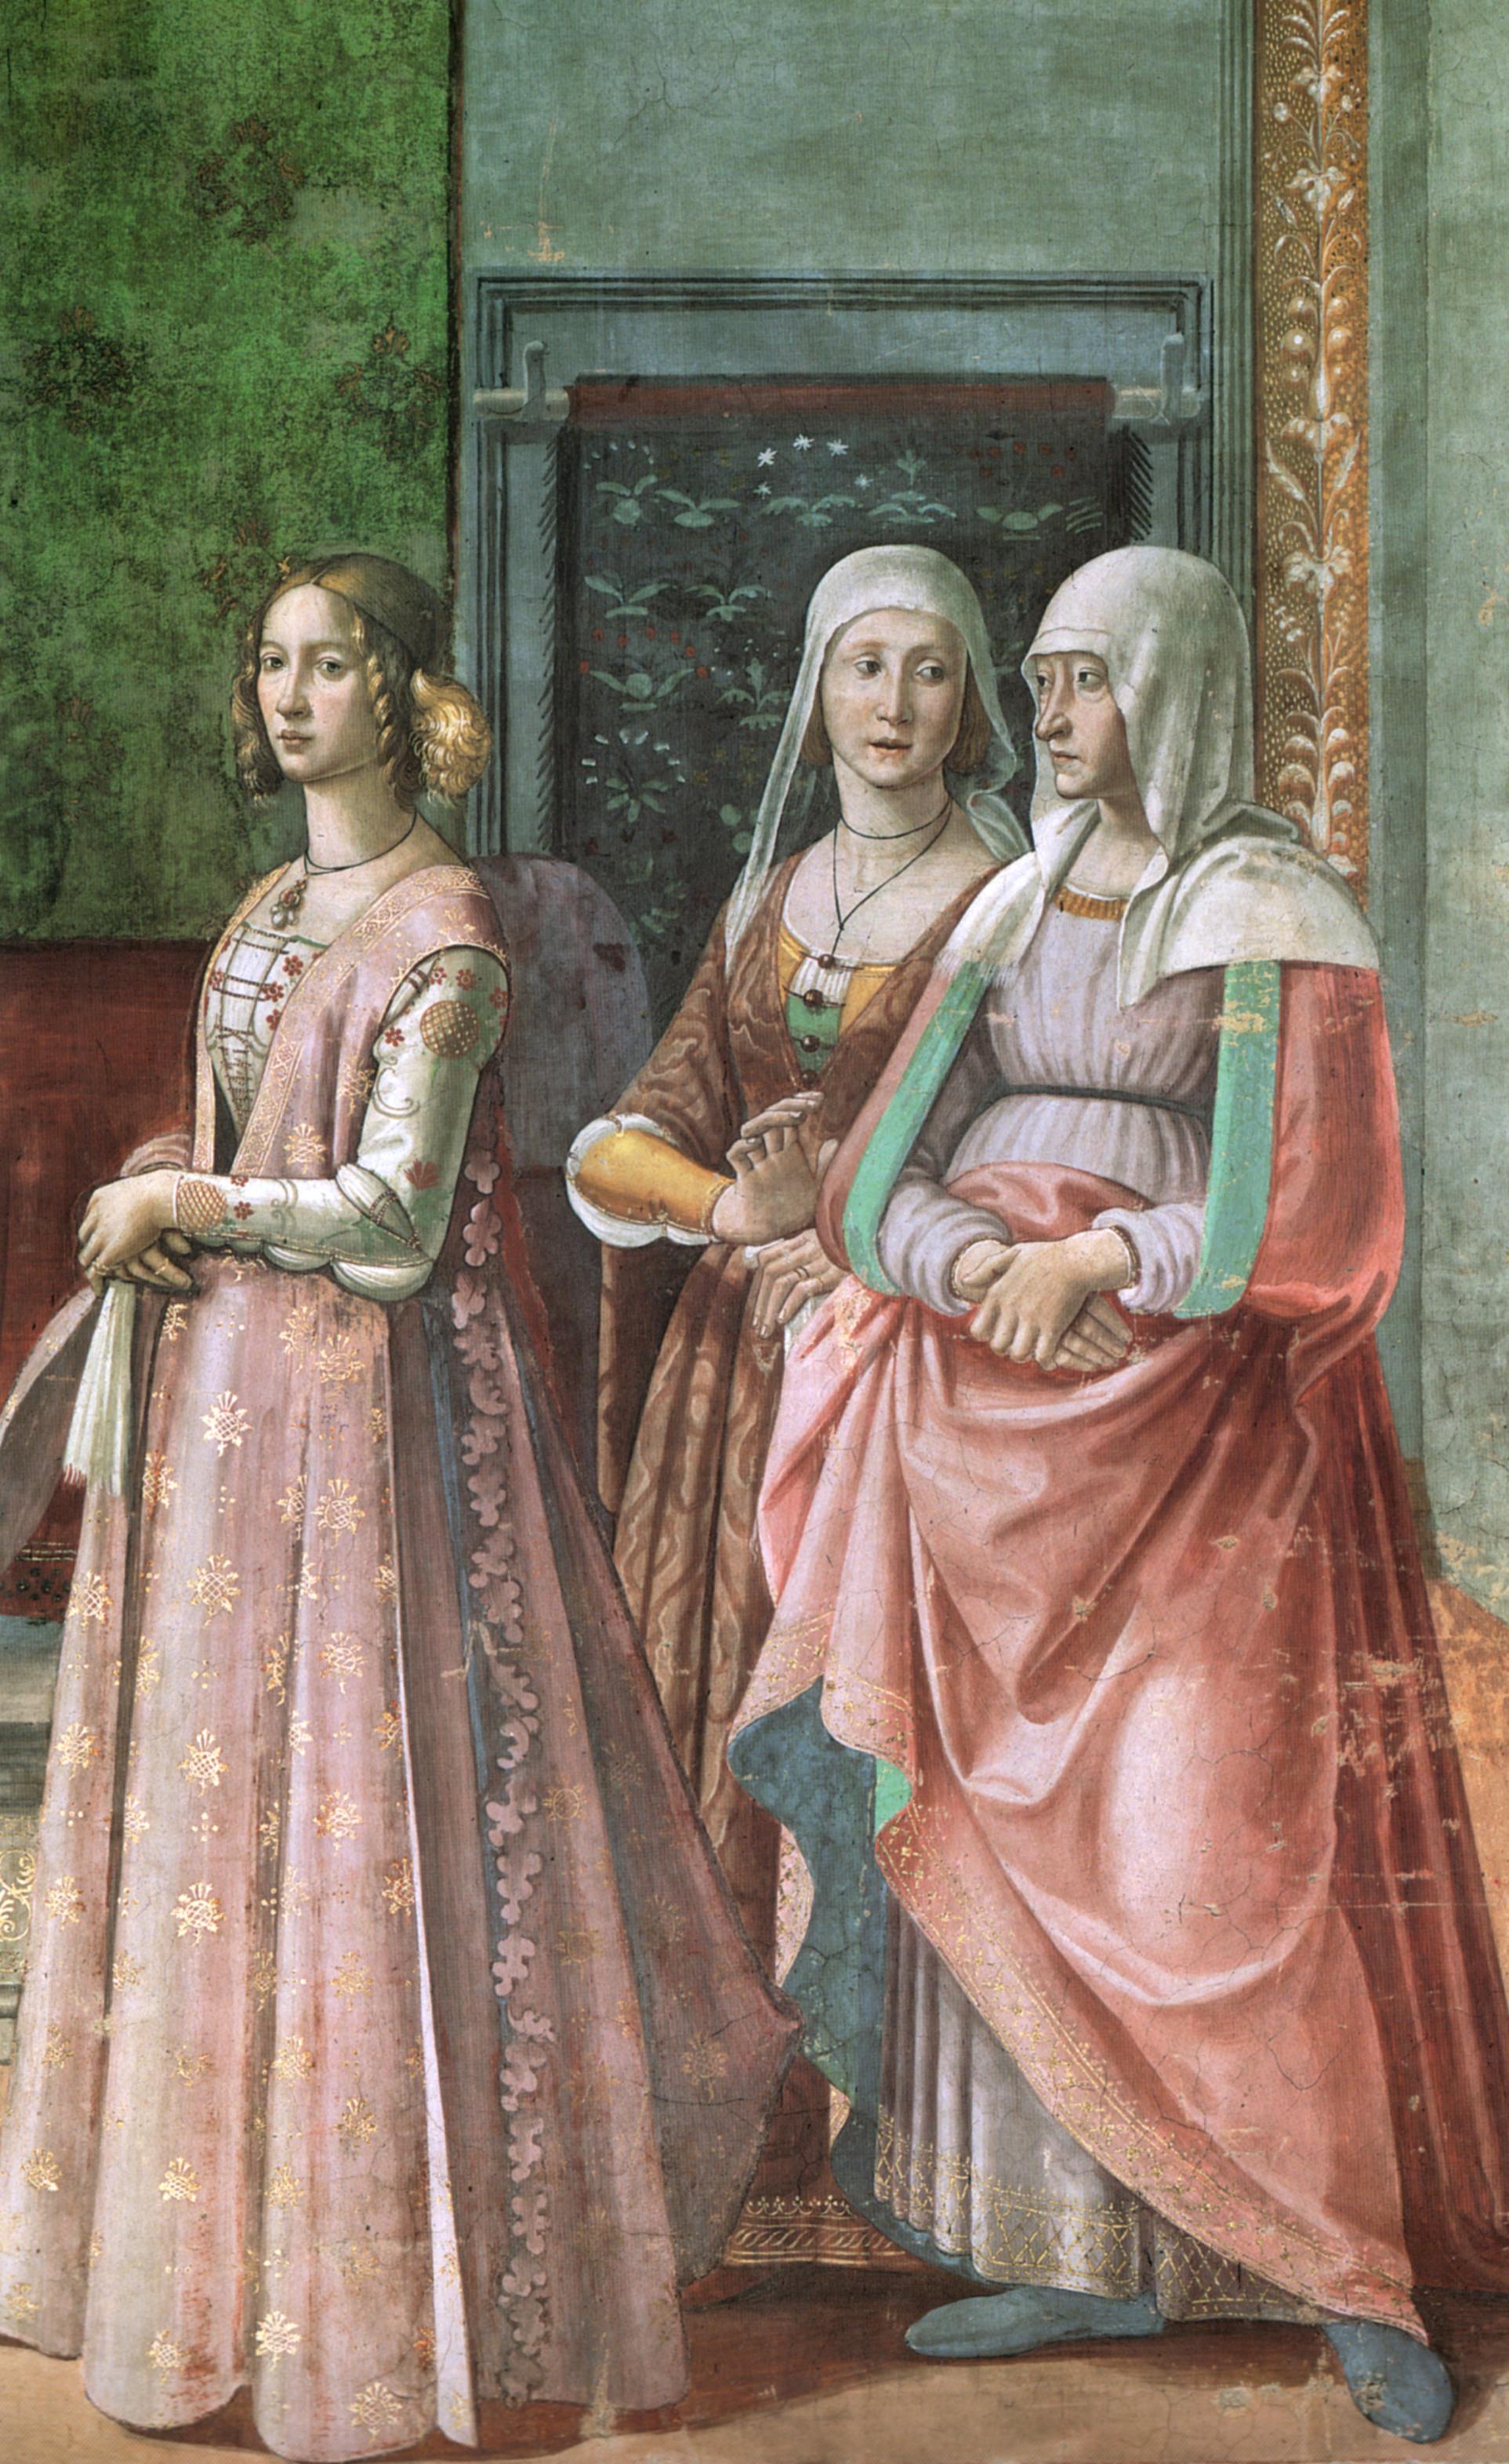 domenico ghirlandaio Cappella tornabuoni Nascita di san giovanni battista dettaglio